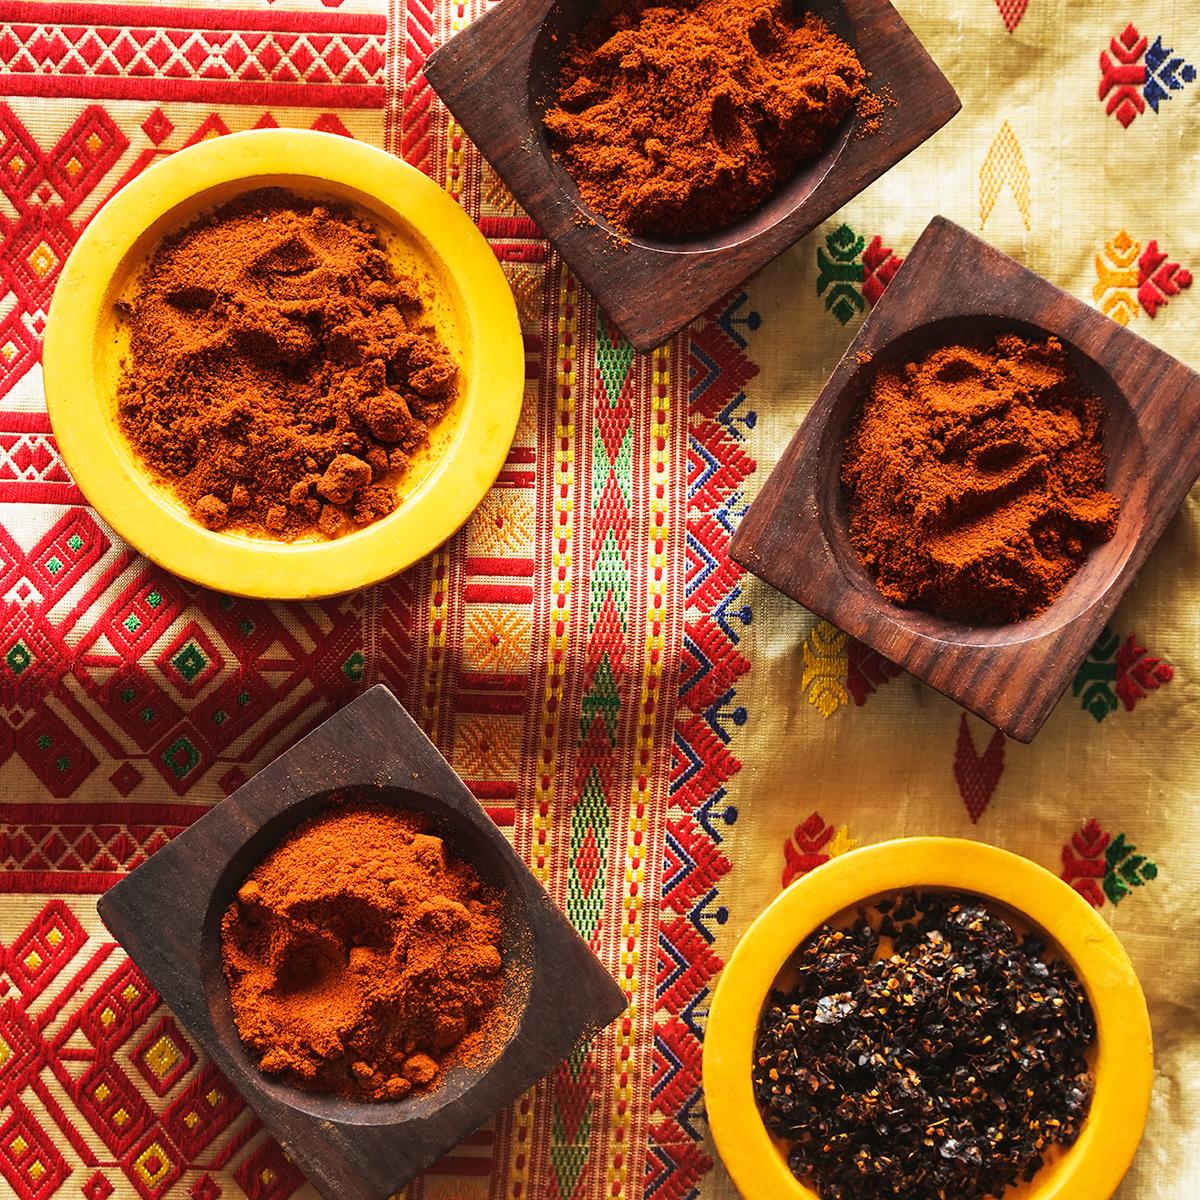 Paprikas | Doux - fumé - flocons | Épices de cru